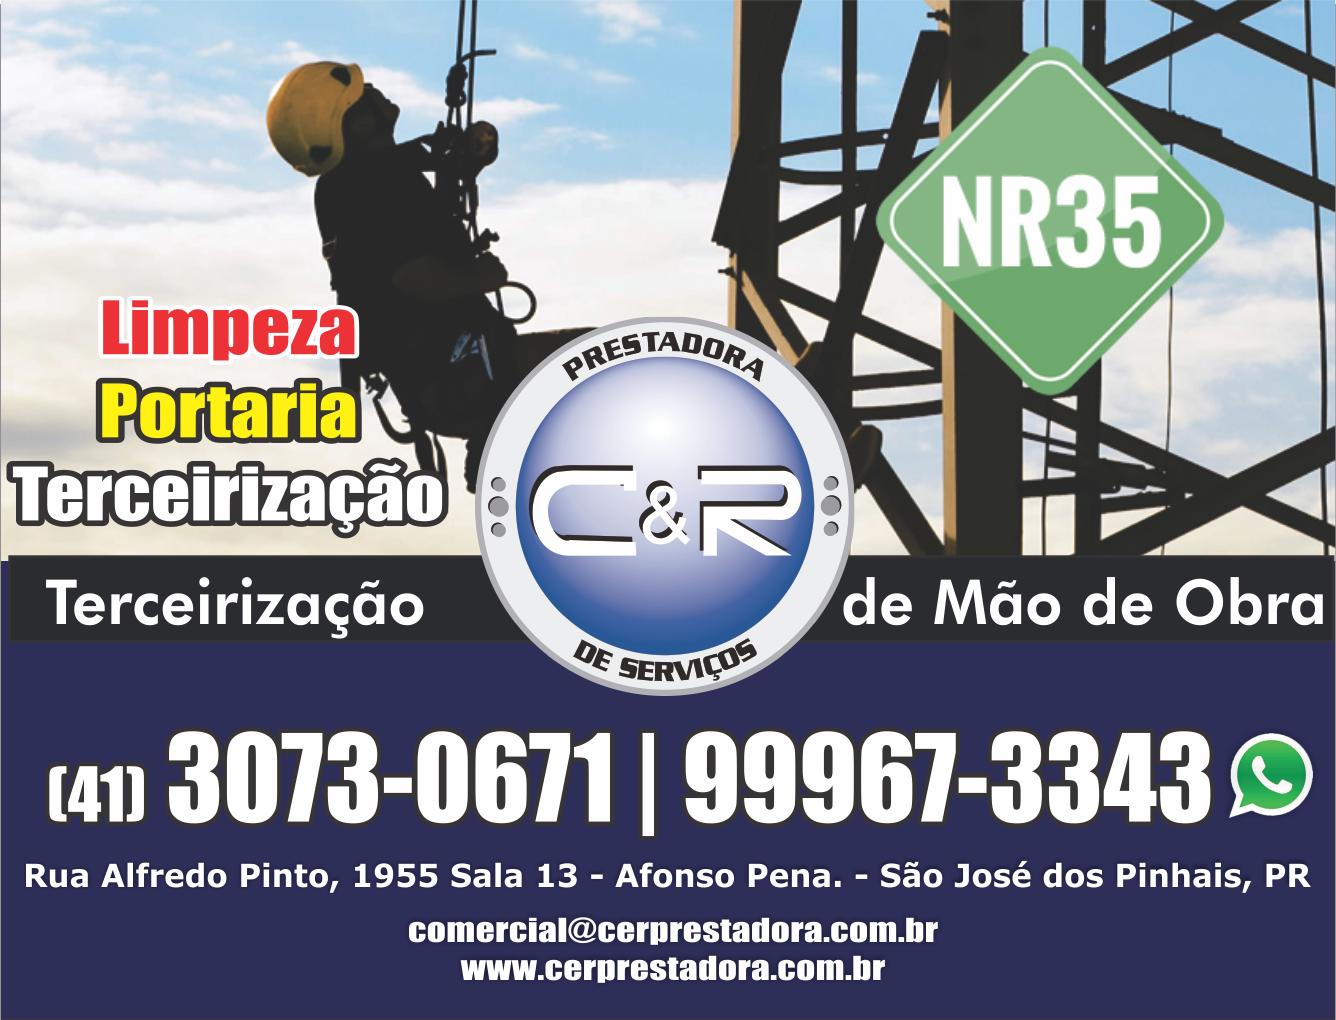 C&R Prestadora de Serviços      RUA ALFREDO PINTO, 1955, SÃO JOSÉ DOS PINHAIS - PR  Fones: (41) 3073-0671 / (41) 99967-3343